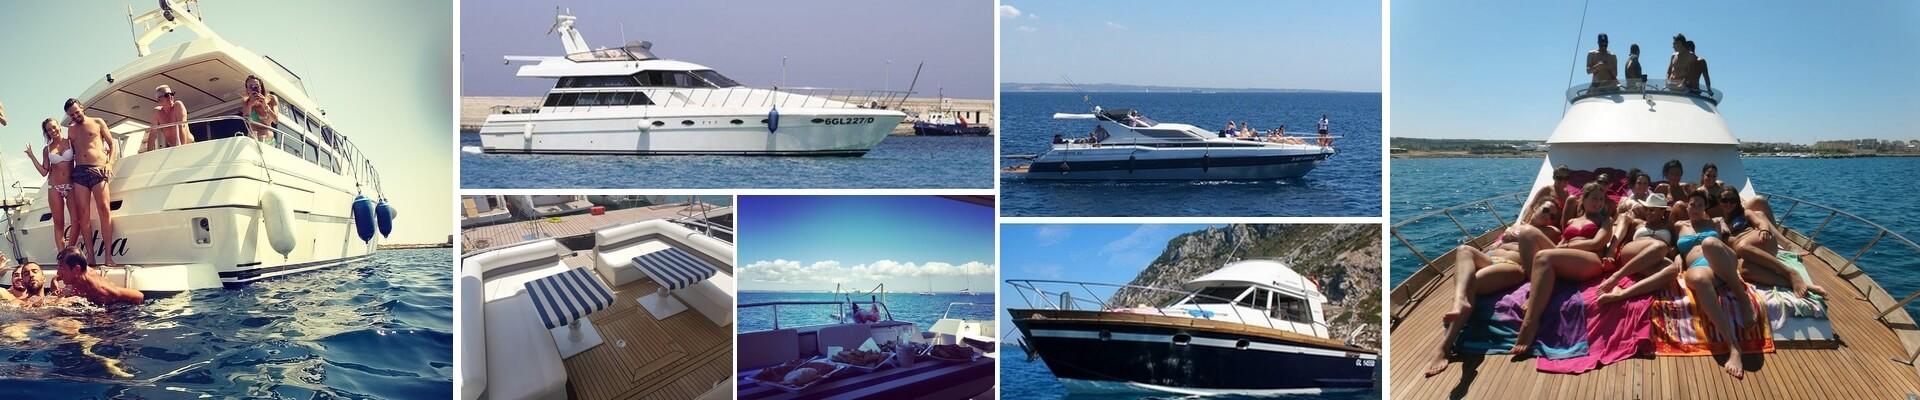 Noleggio Yacht a Gallipoli